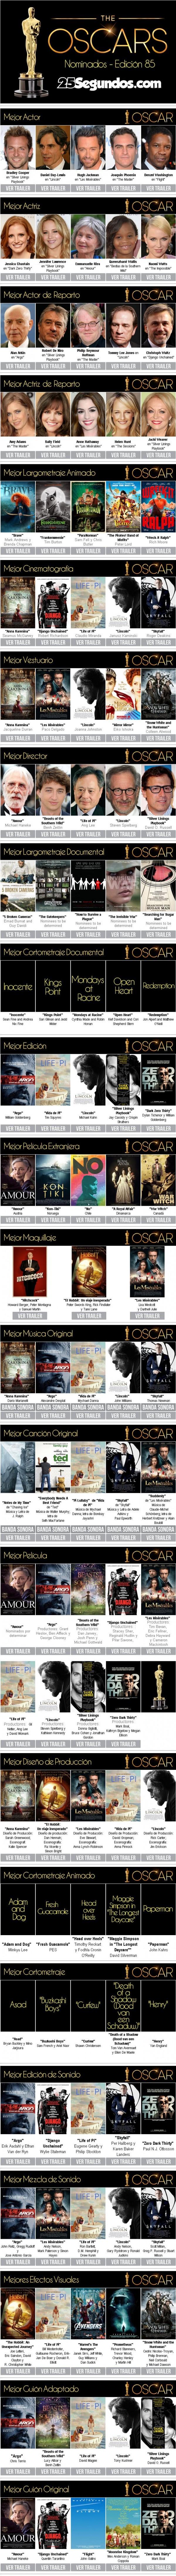 nominado9soscars2013